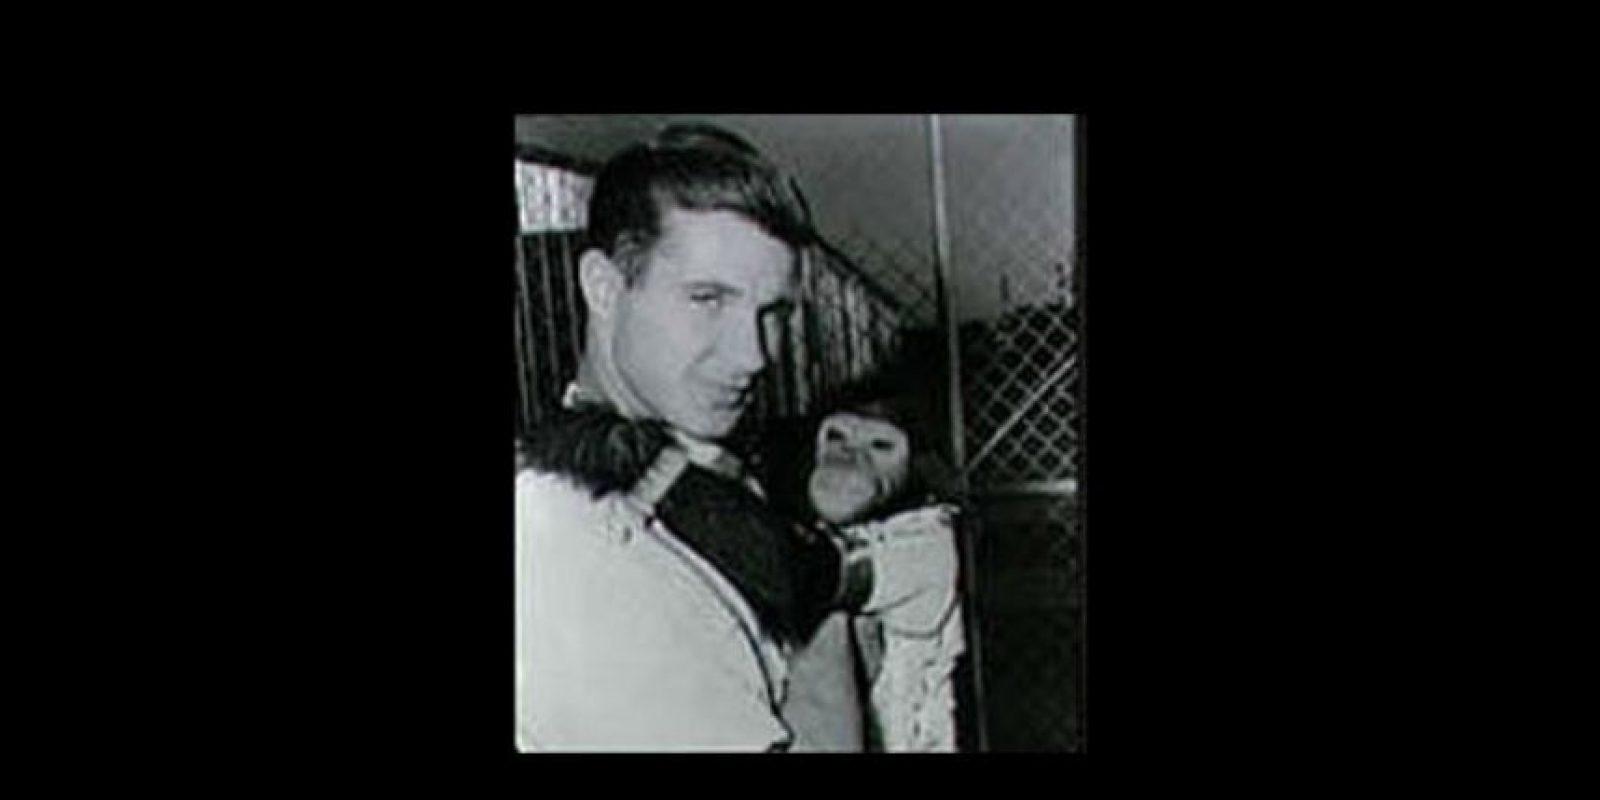 El primer mono en viajar al espacio fue Albert I en junio de 1948 Foto:Vía nasa.gov